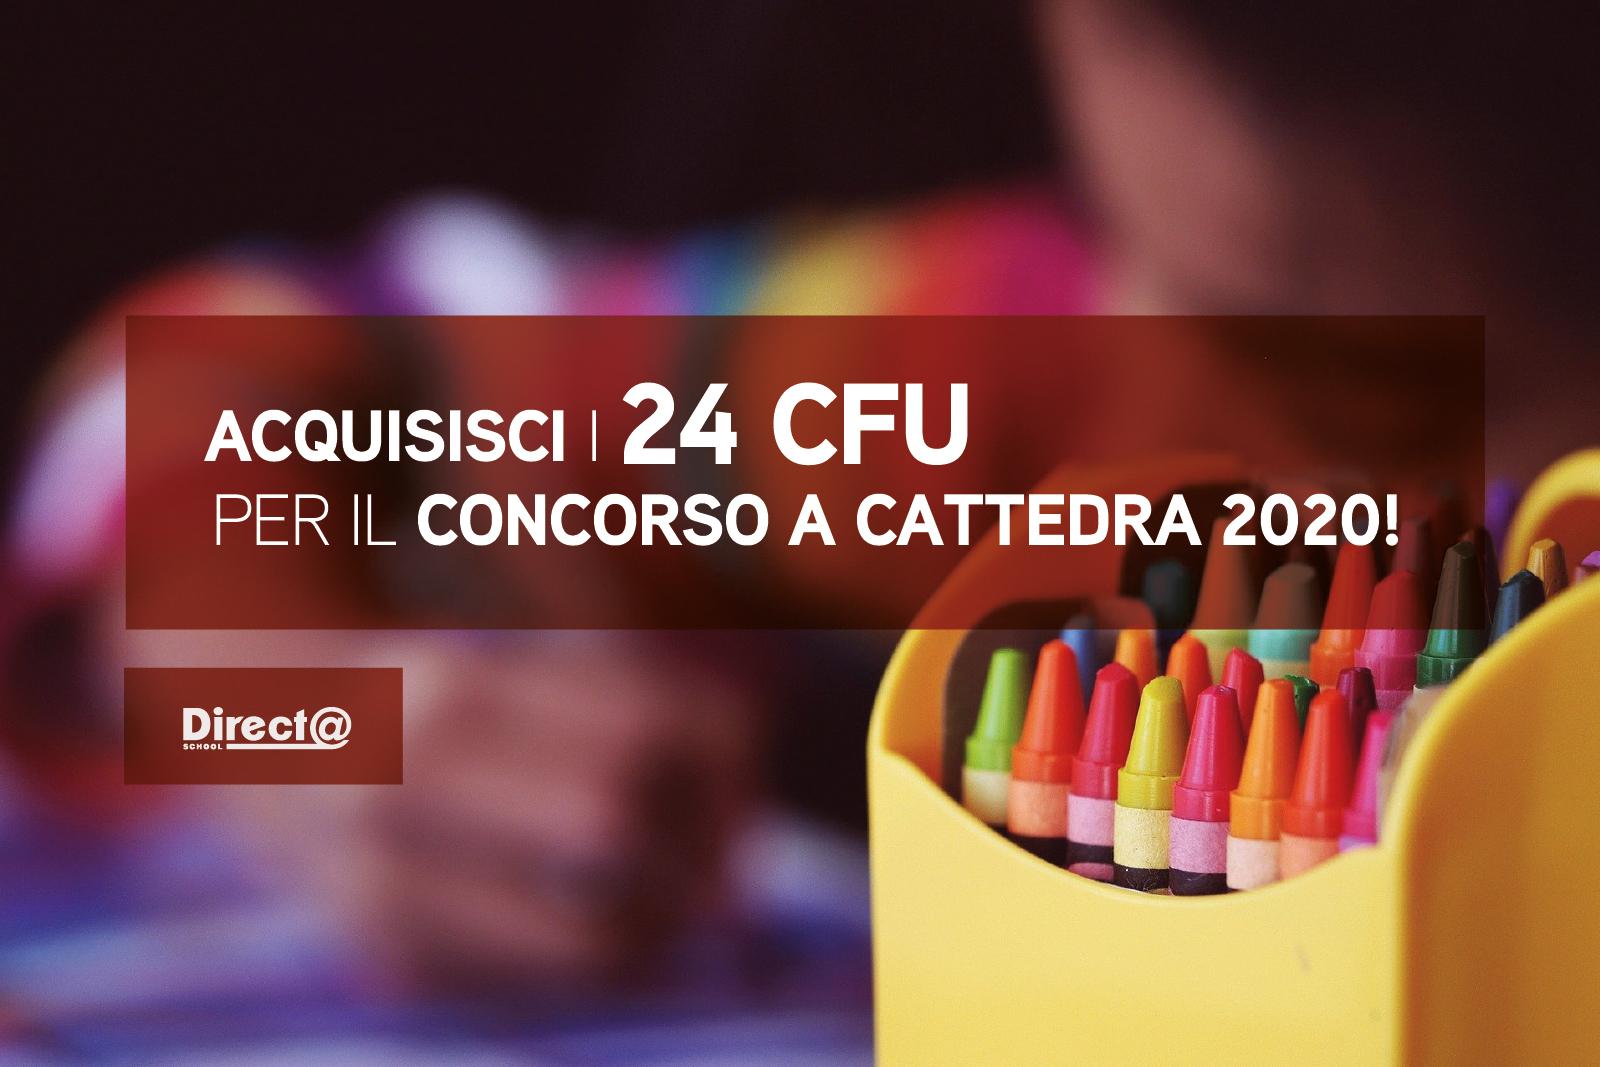 CONCORSO DOCENTI 2020 – ACQUISISCI I 24 CFU!